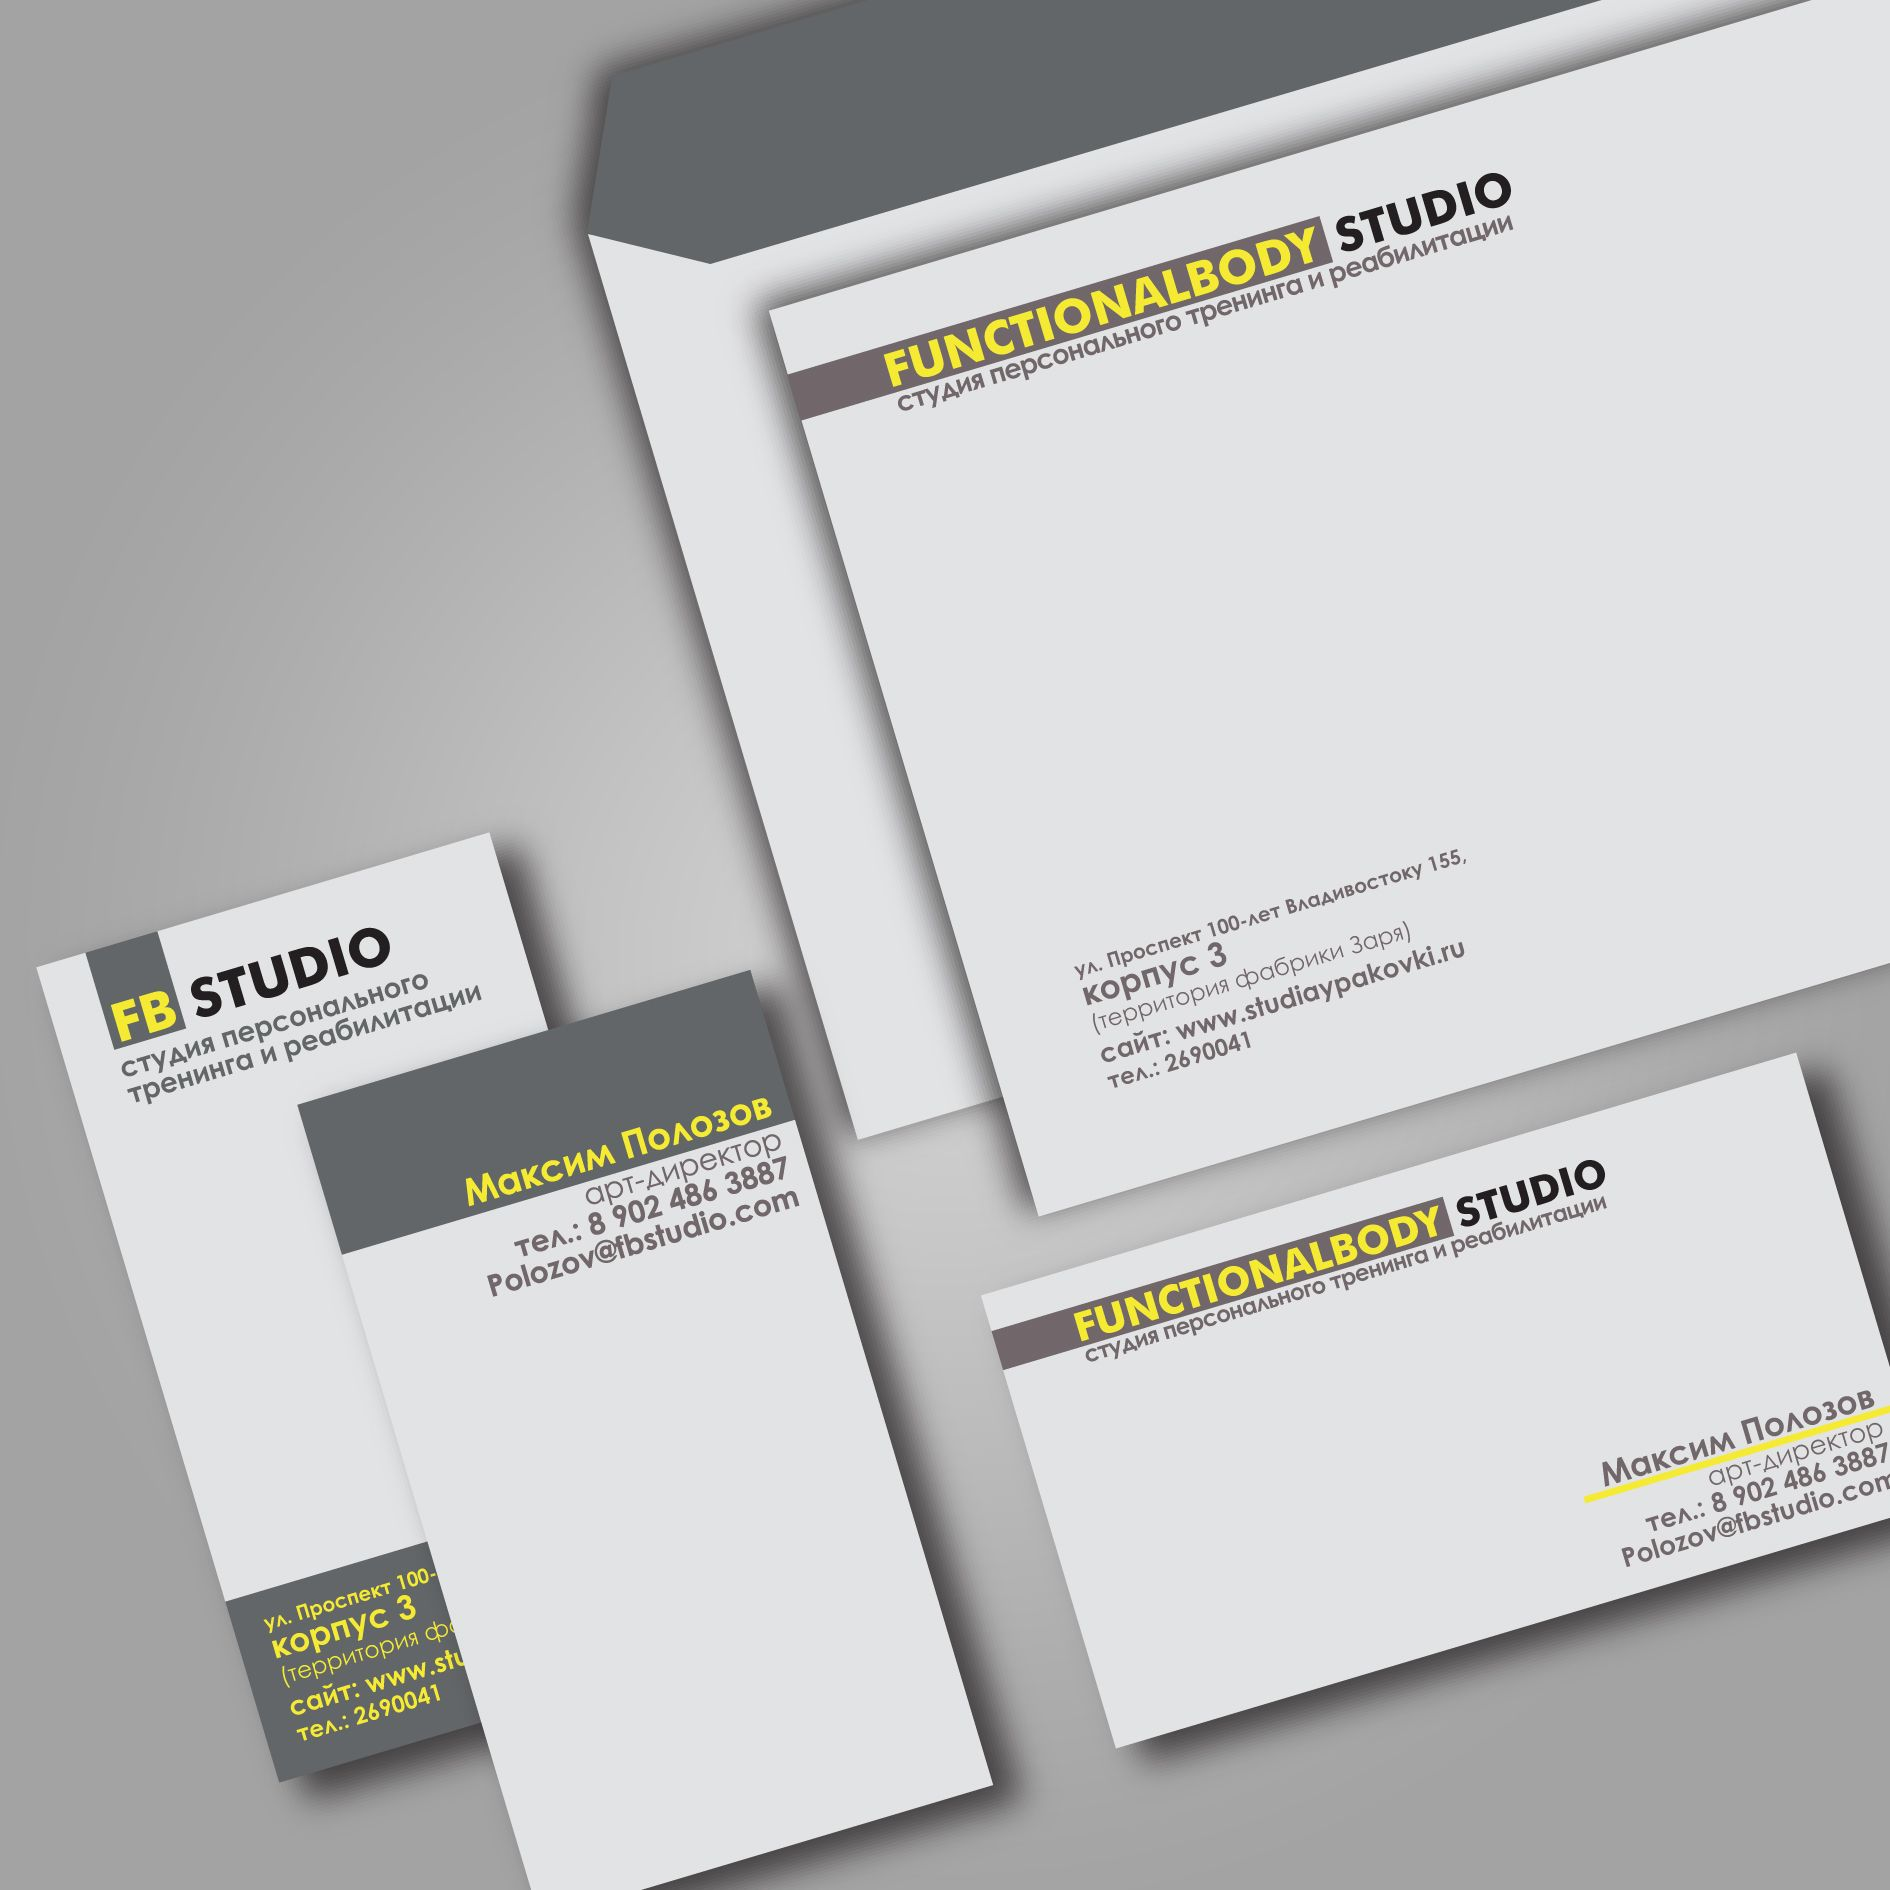 Лого и фирменный стиль для спортивной студии  - дизайнер Enotki911